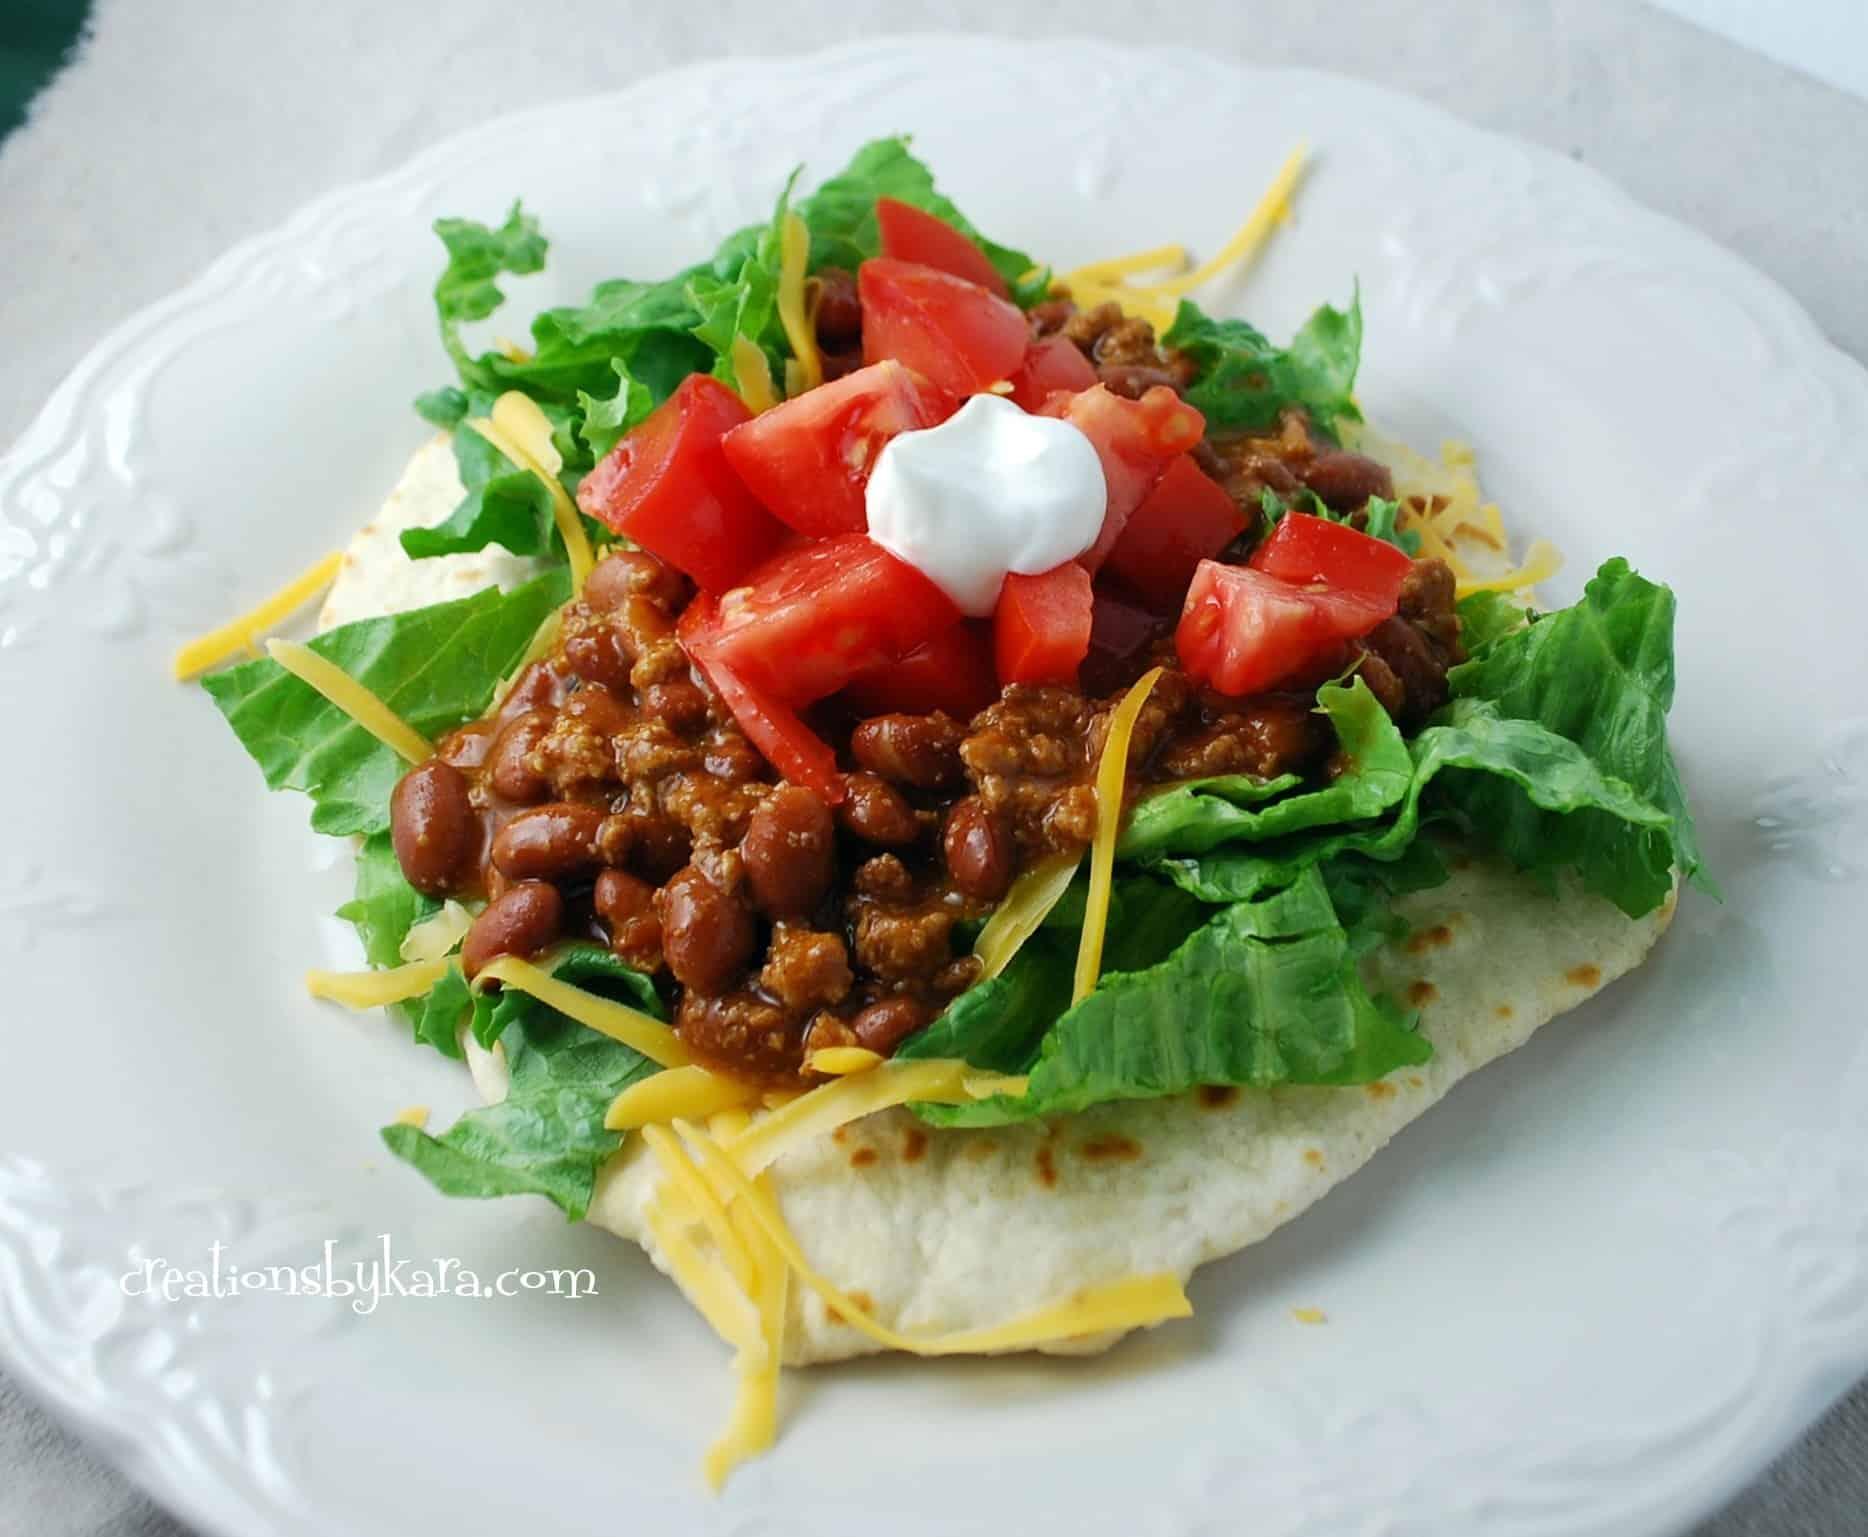 navajo-tacos-recipe